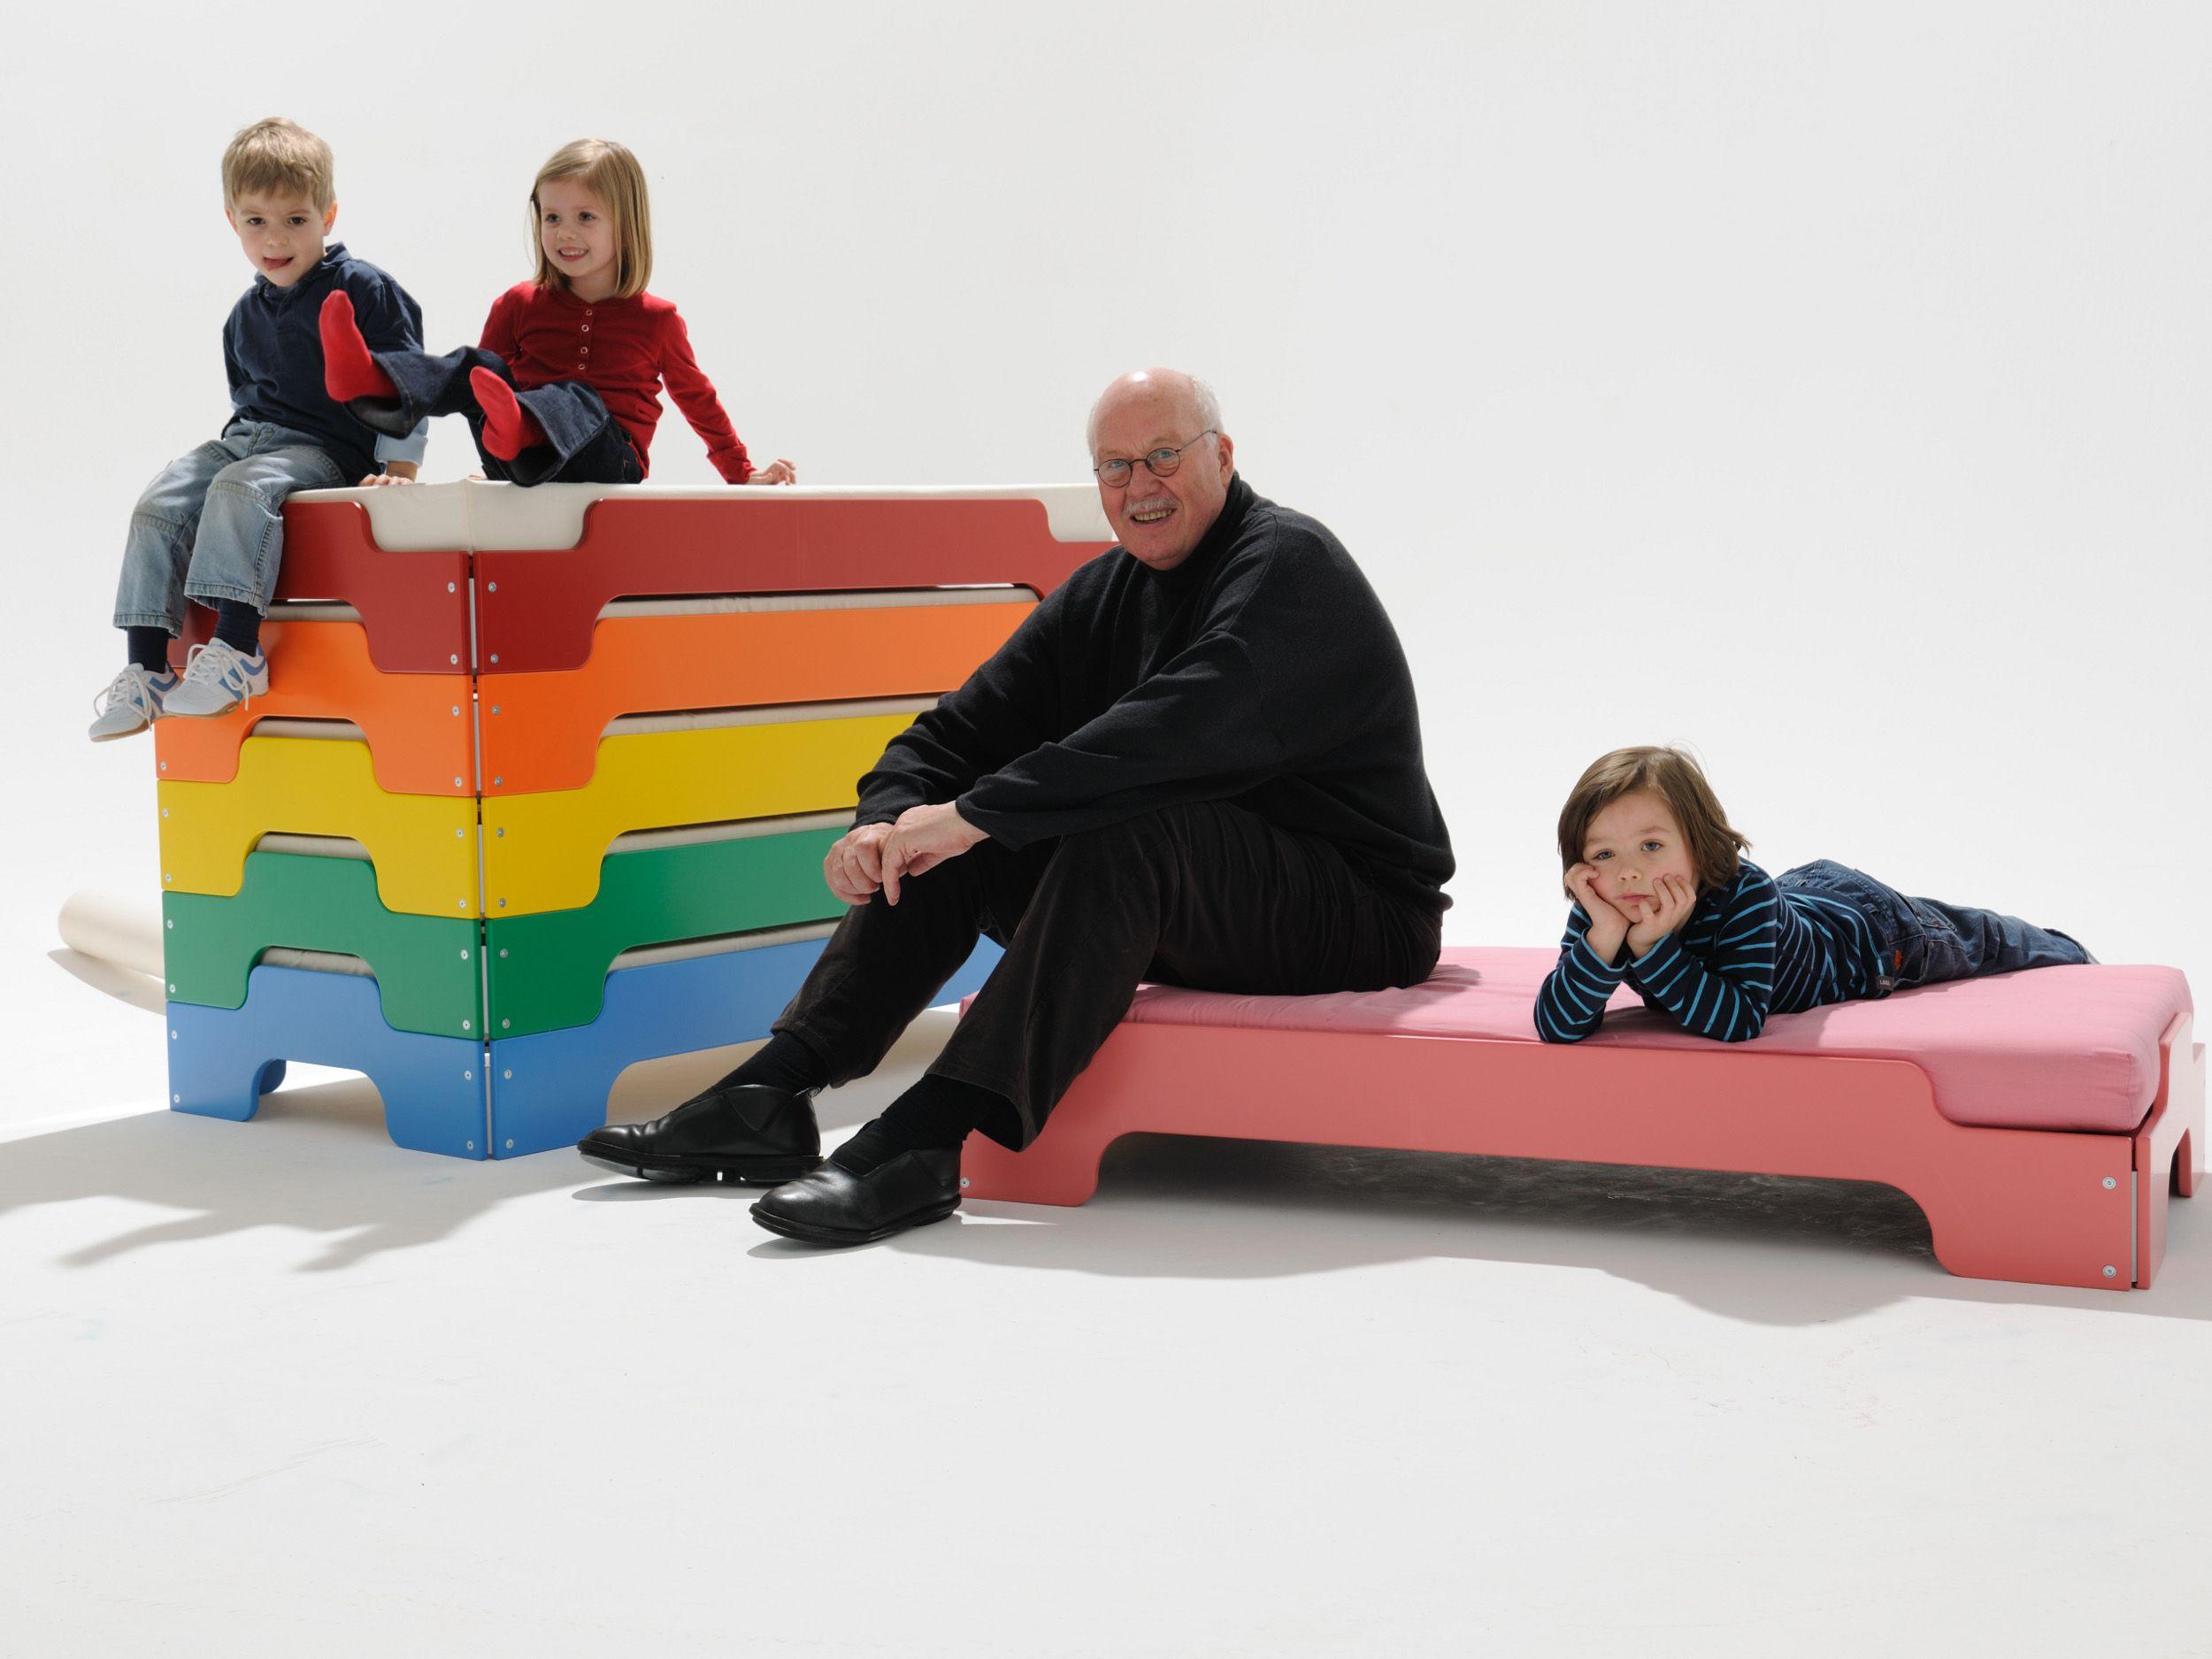 Stackable bed for kids' bedroom BED FOR KIDS' BEDROOM by Müller Möbelwerkstätten design Rolf Heide